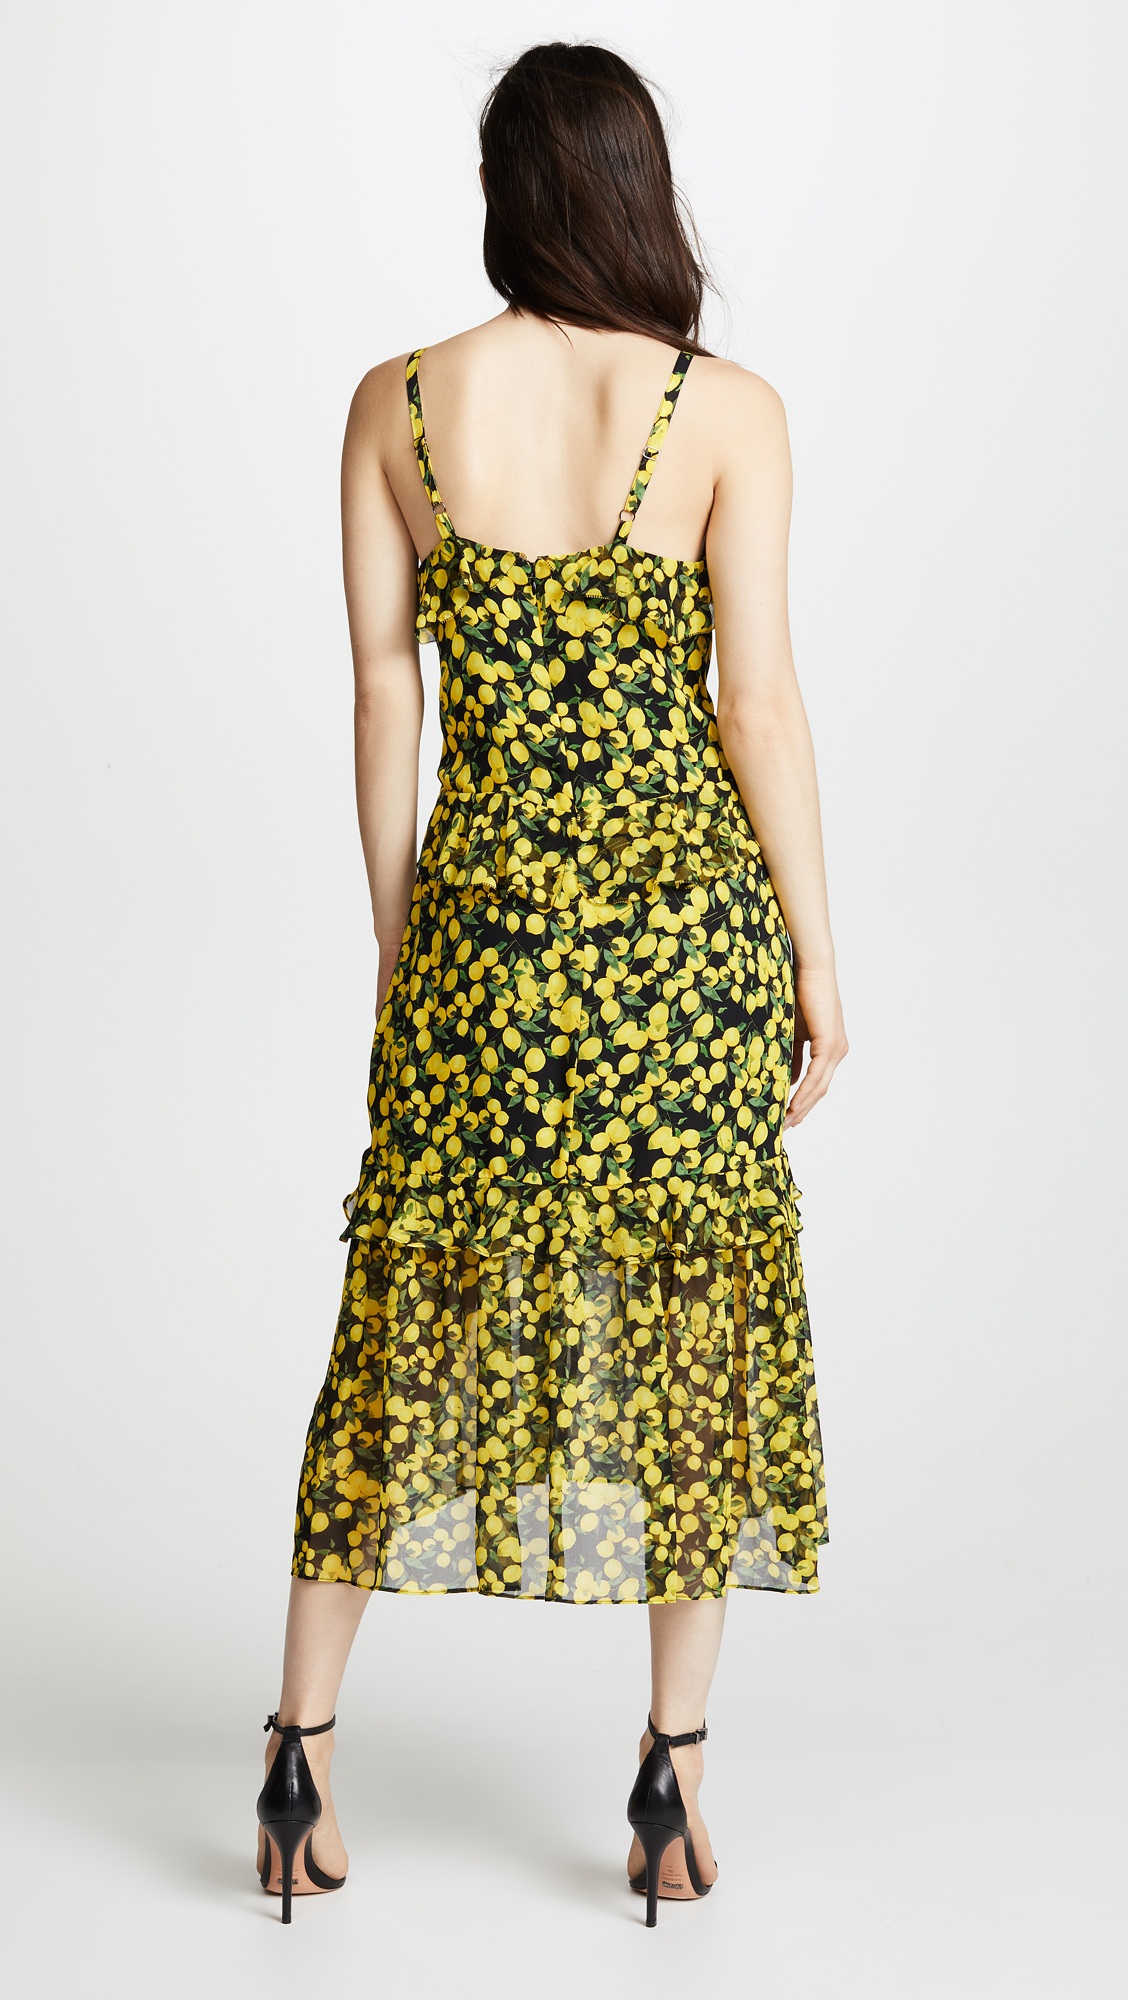 d9dacb6a8cb Parker Josie Combo Dress